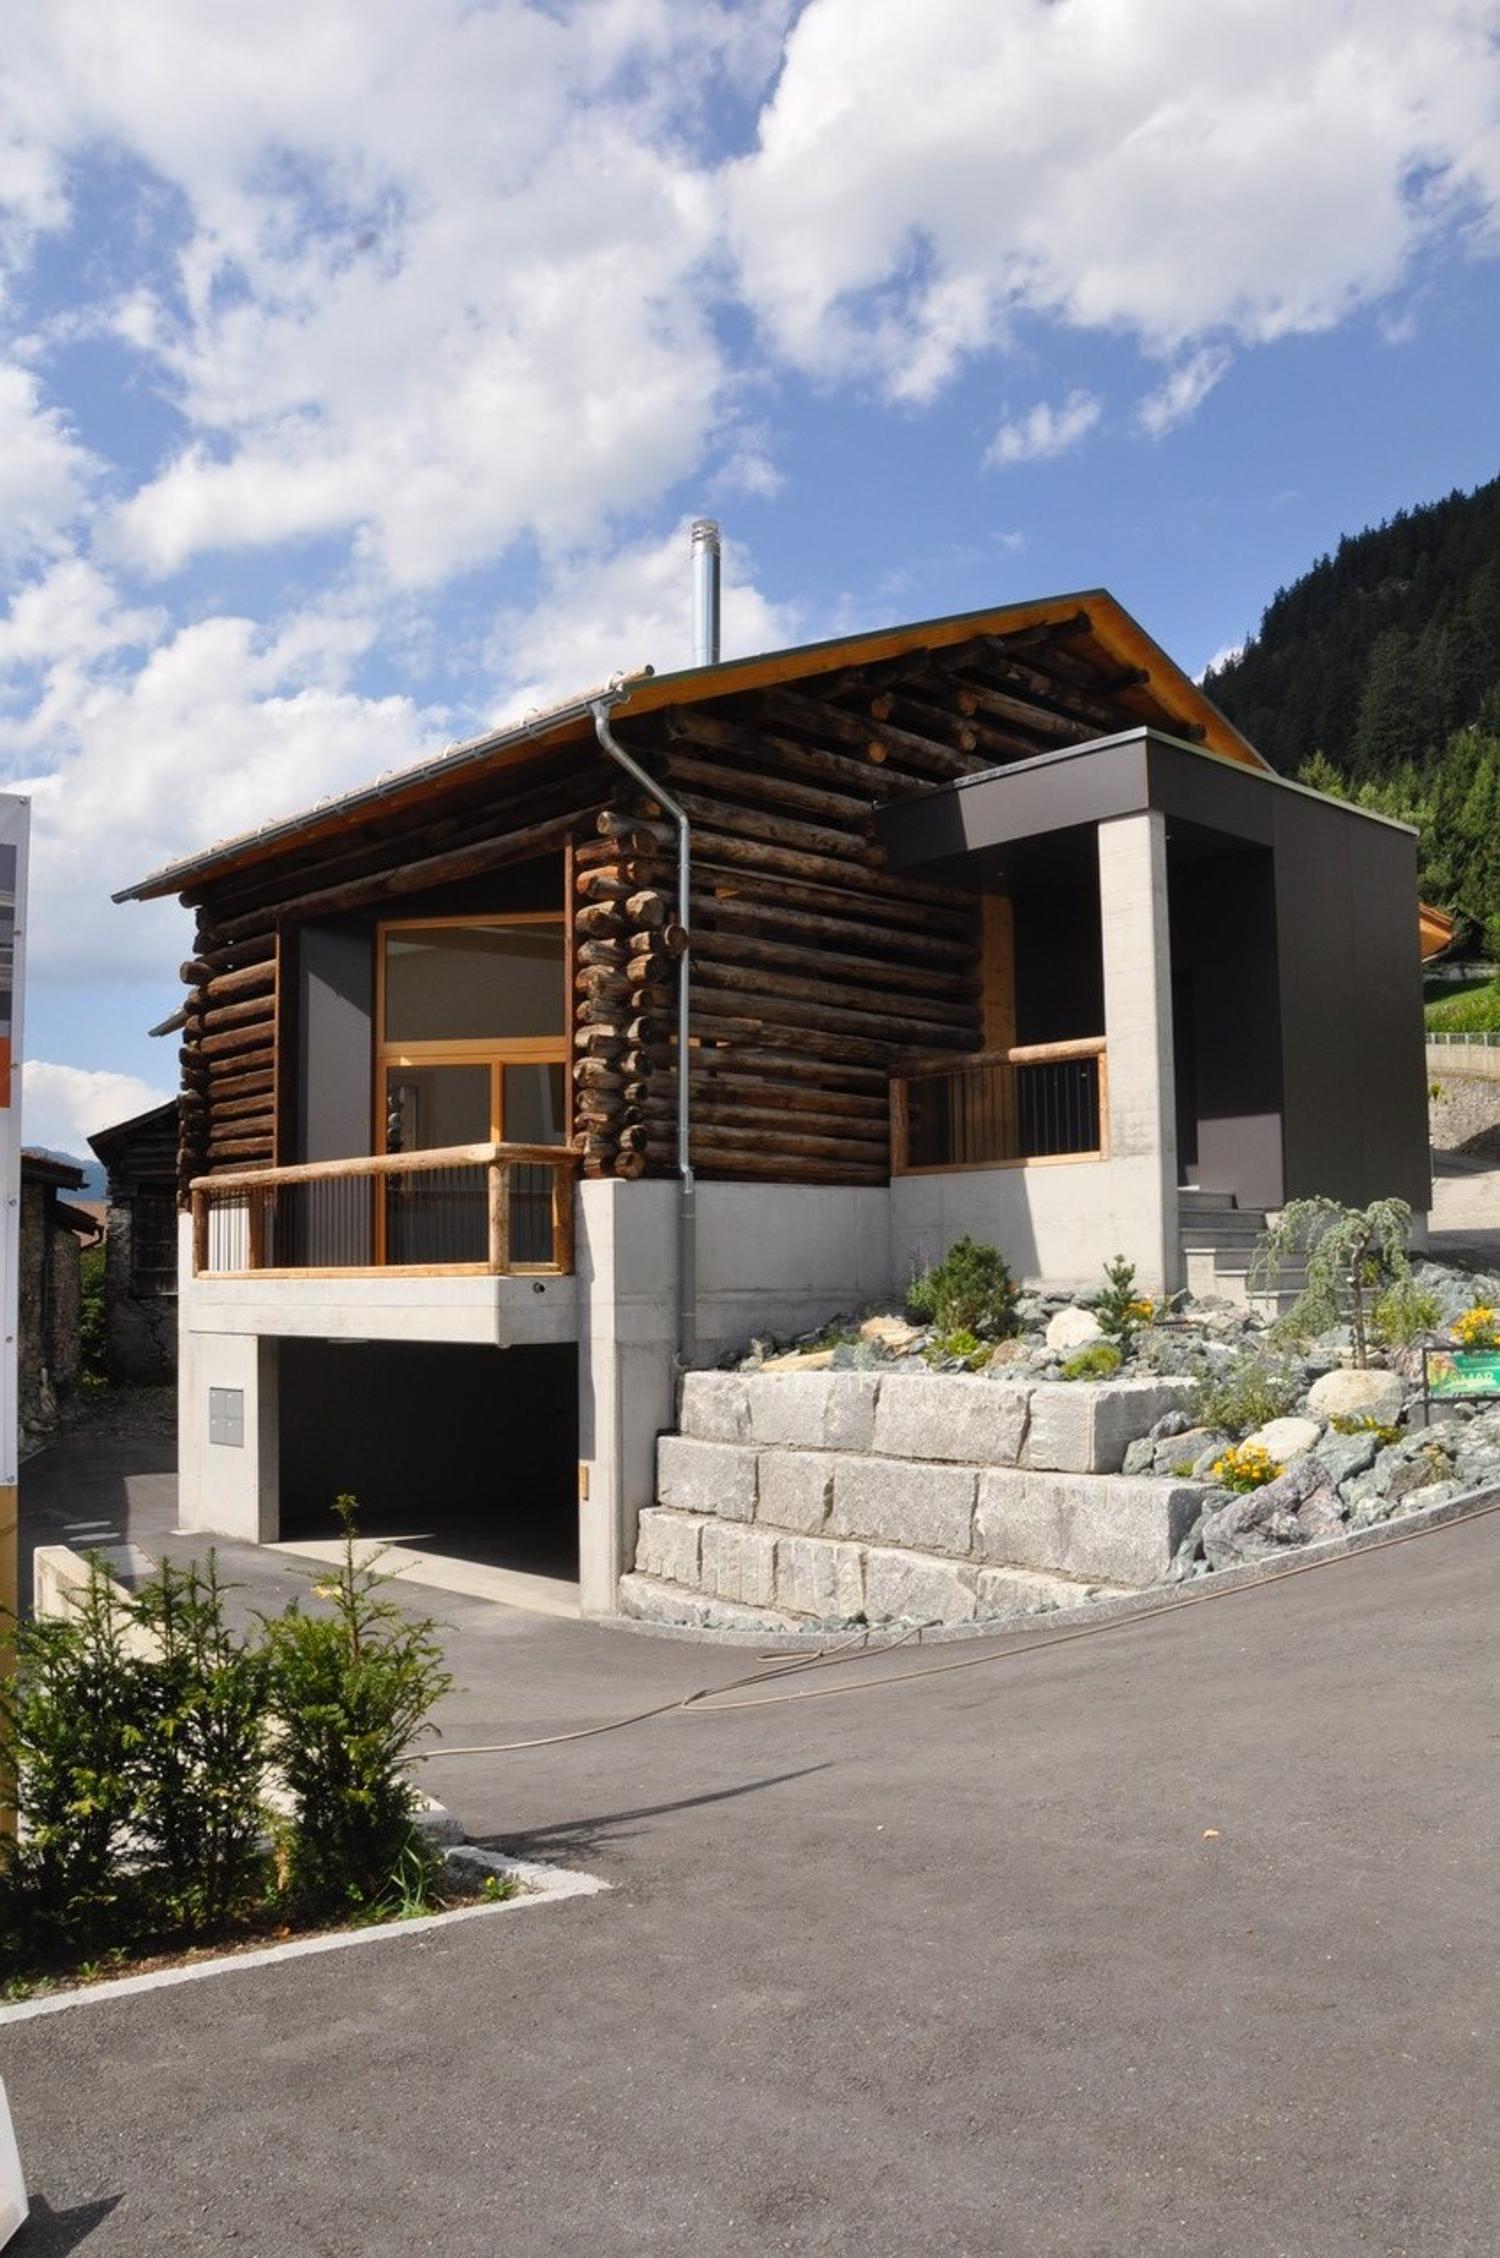 Miete: Rustico-Wohnung im Bündnerland